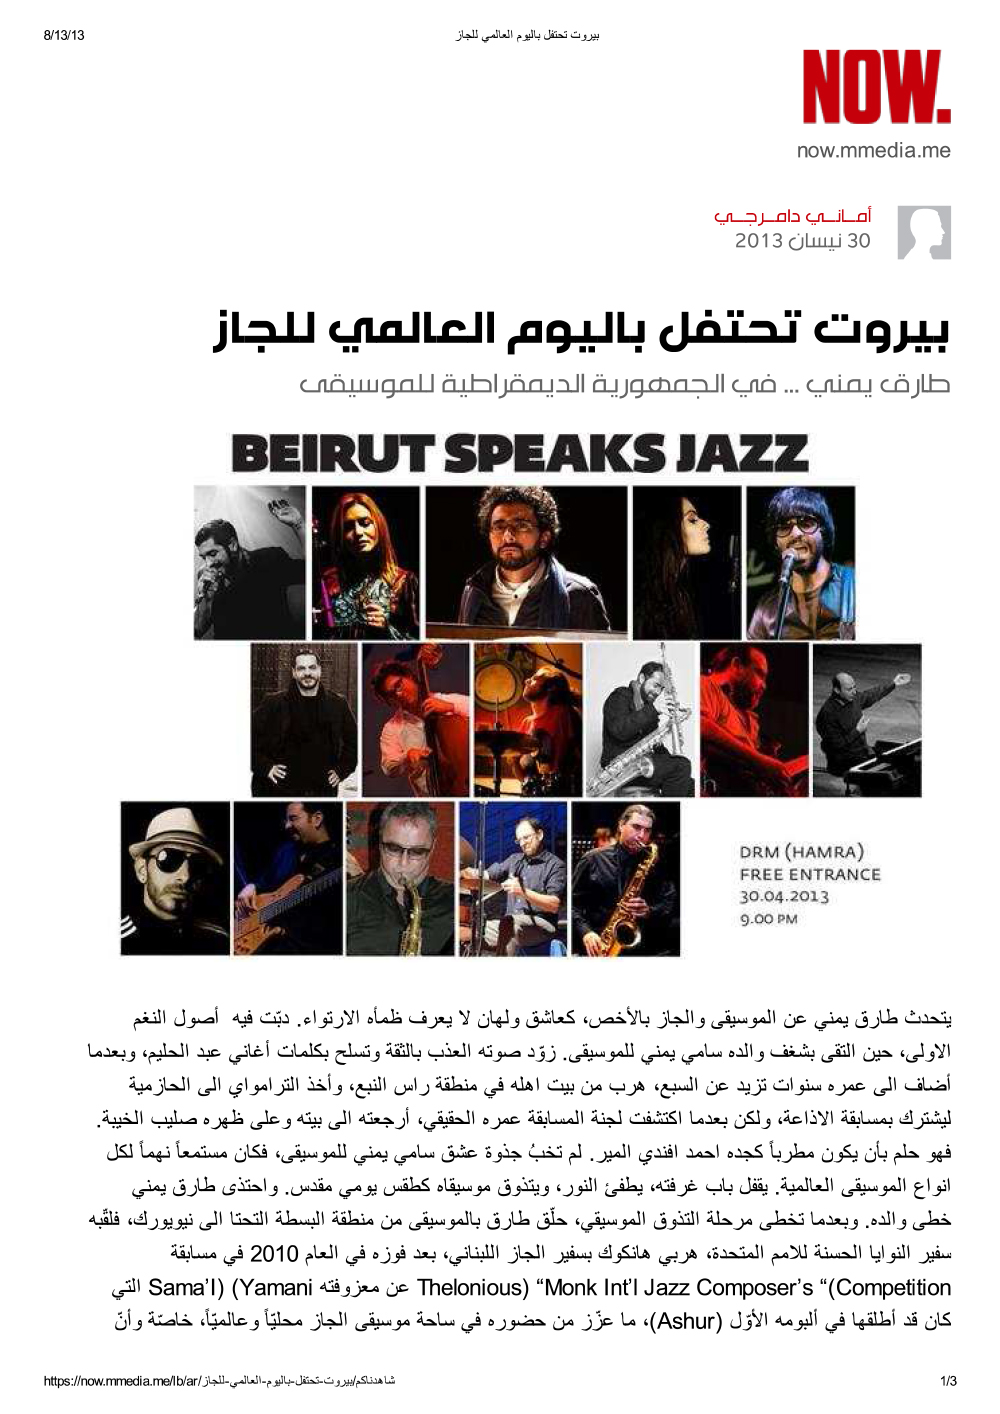 NOW Lebanon / 30 Apr 2013 / Amani Damerji -بيروت تحتفل باليوم العالمي للجاز